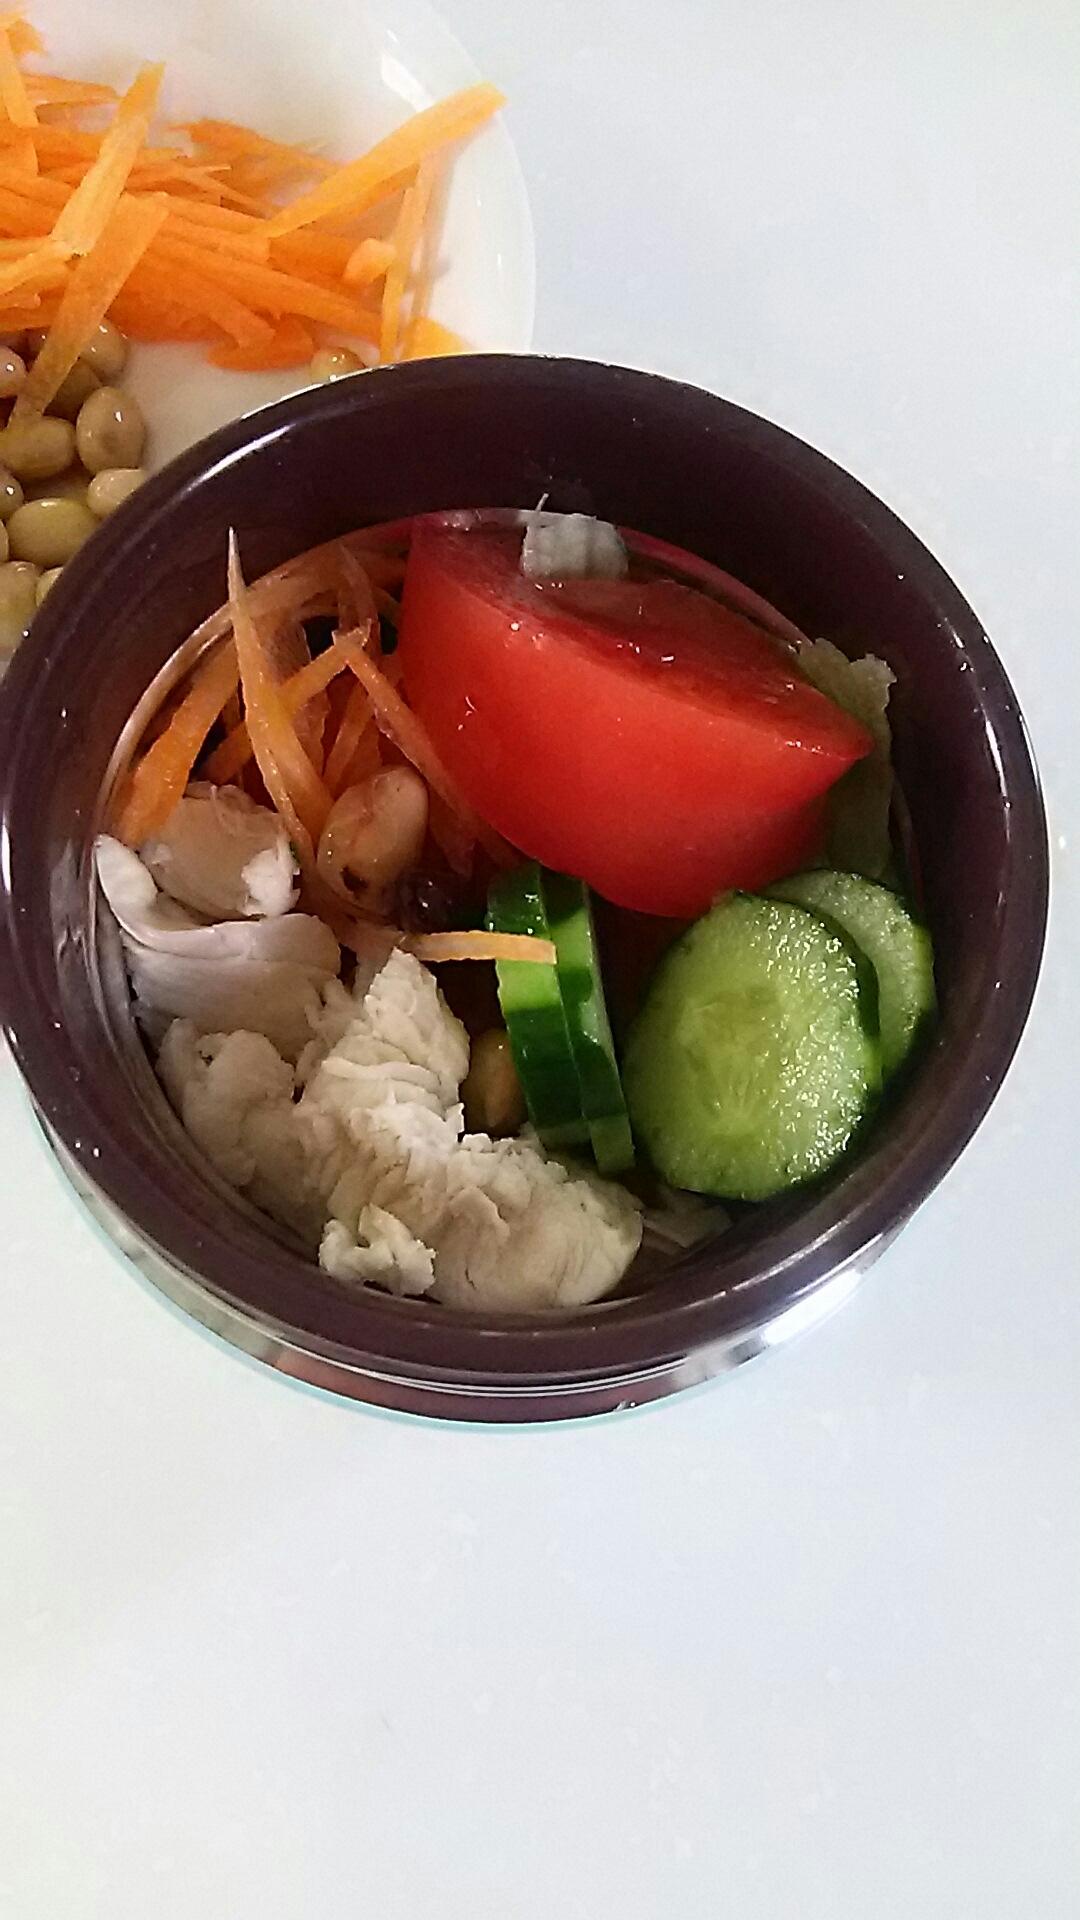 お弁当に生野菜のサラダ❤️ビタミン摂って女子力⤴︎